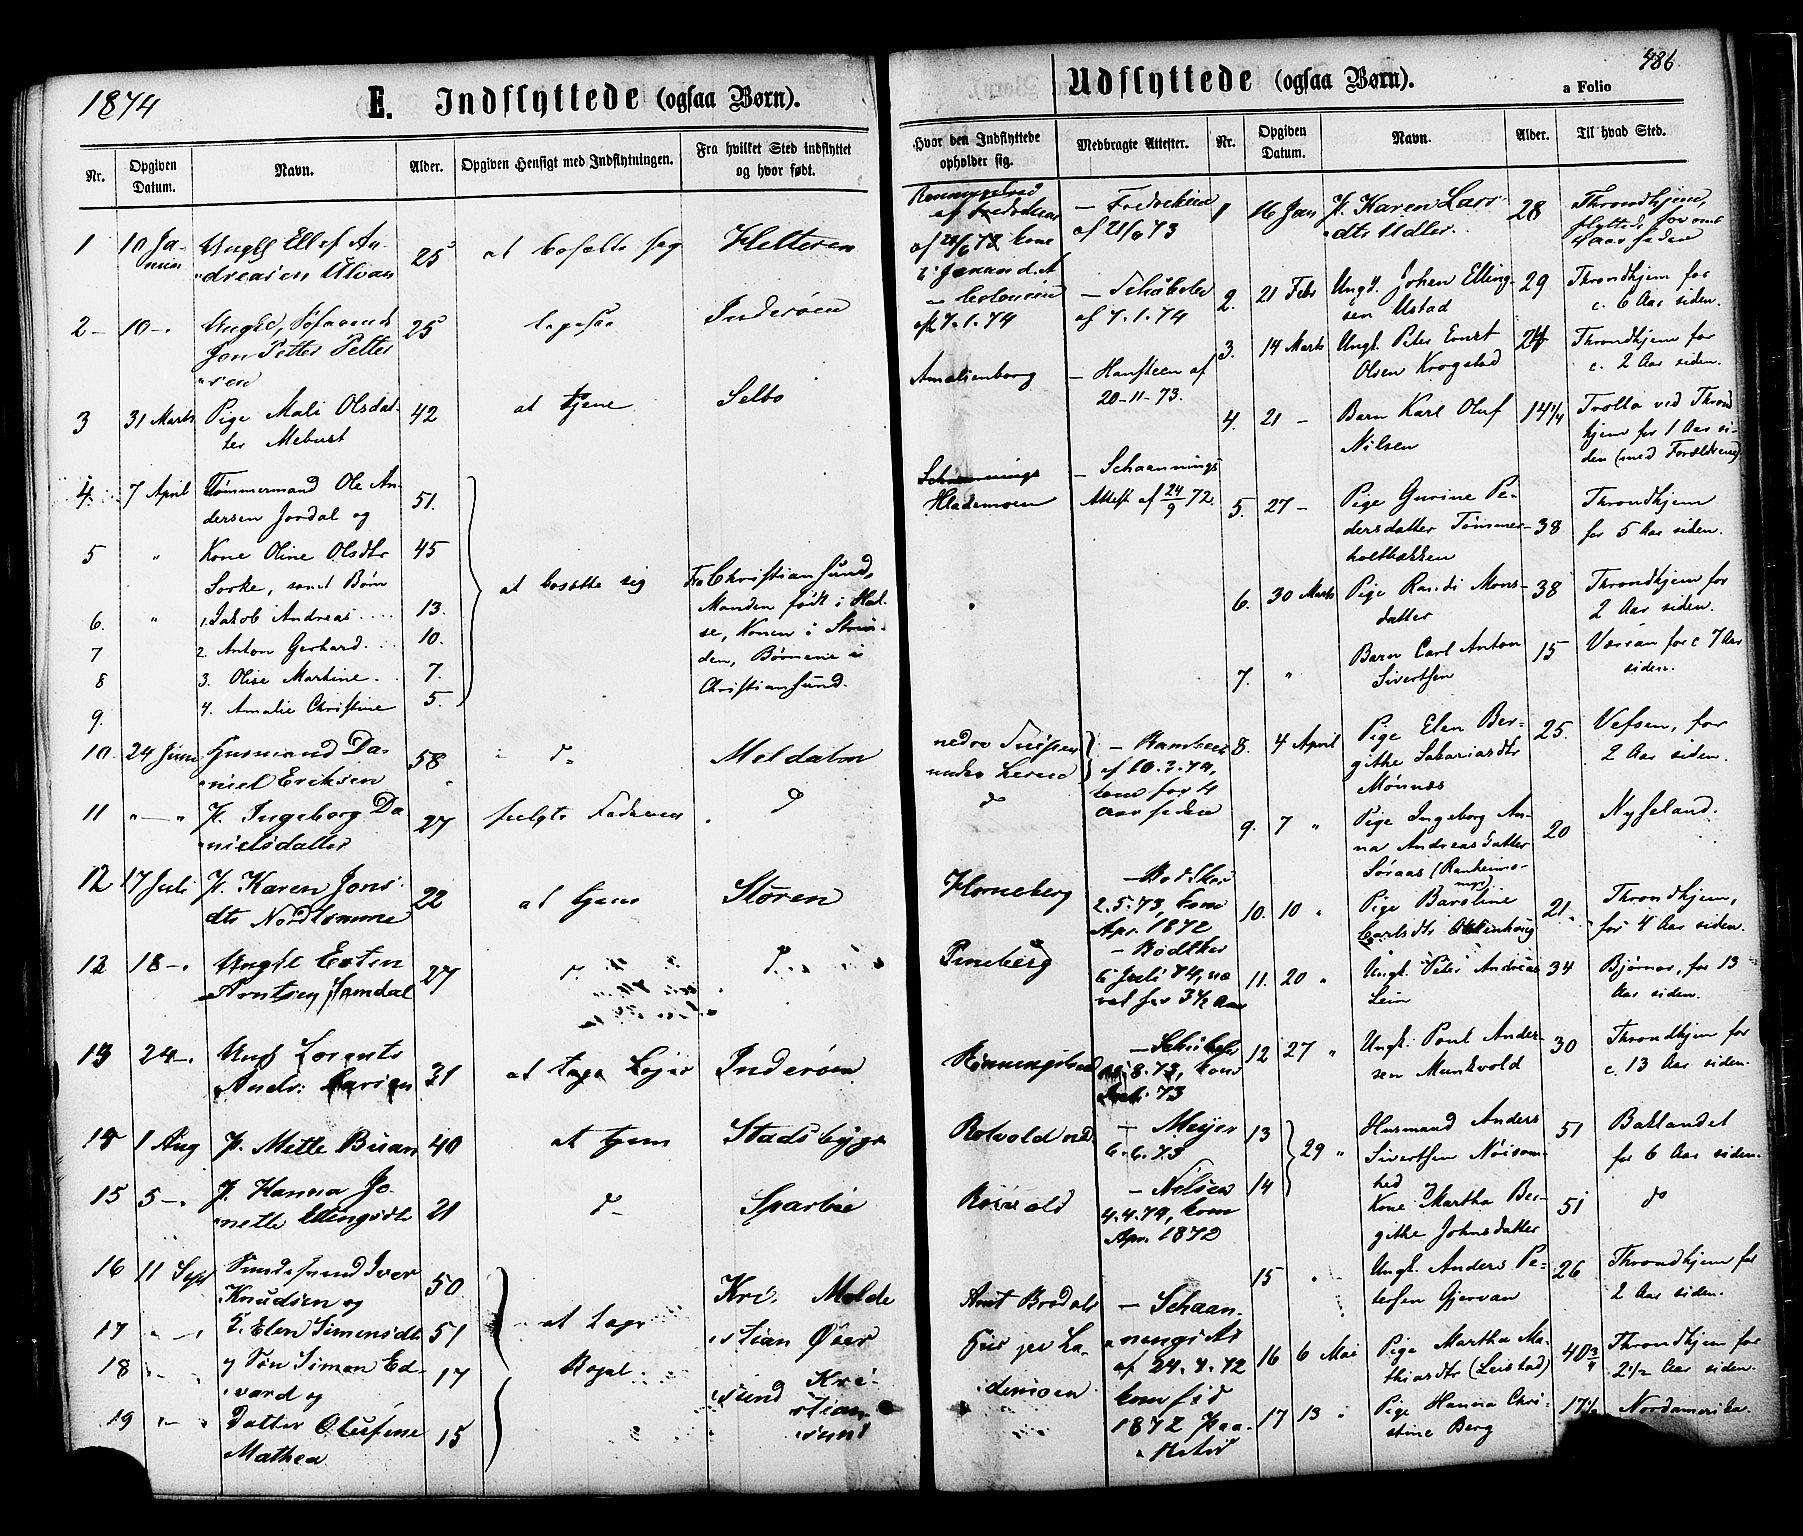 SAT, Ministerialprotokoller, klokkerbøker og fødselsregistre - Sør-Trøndelag, 606/L0293: Ministerialbok nr. 606A08, 1866-1877, s. 486